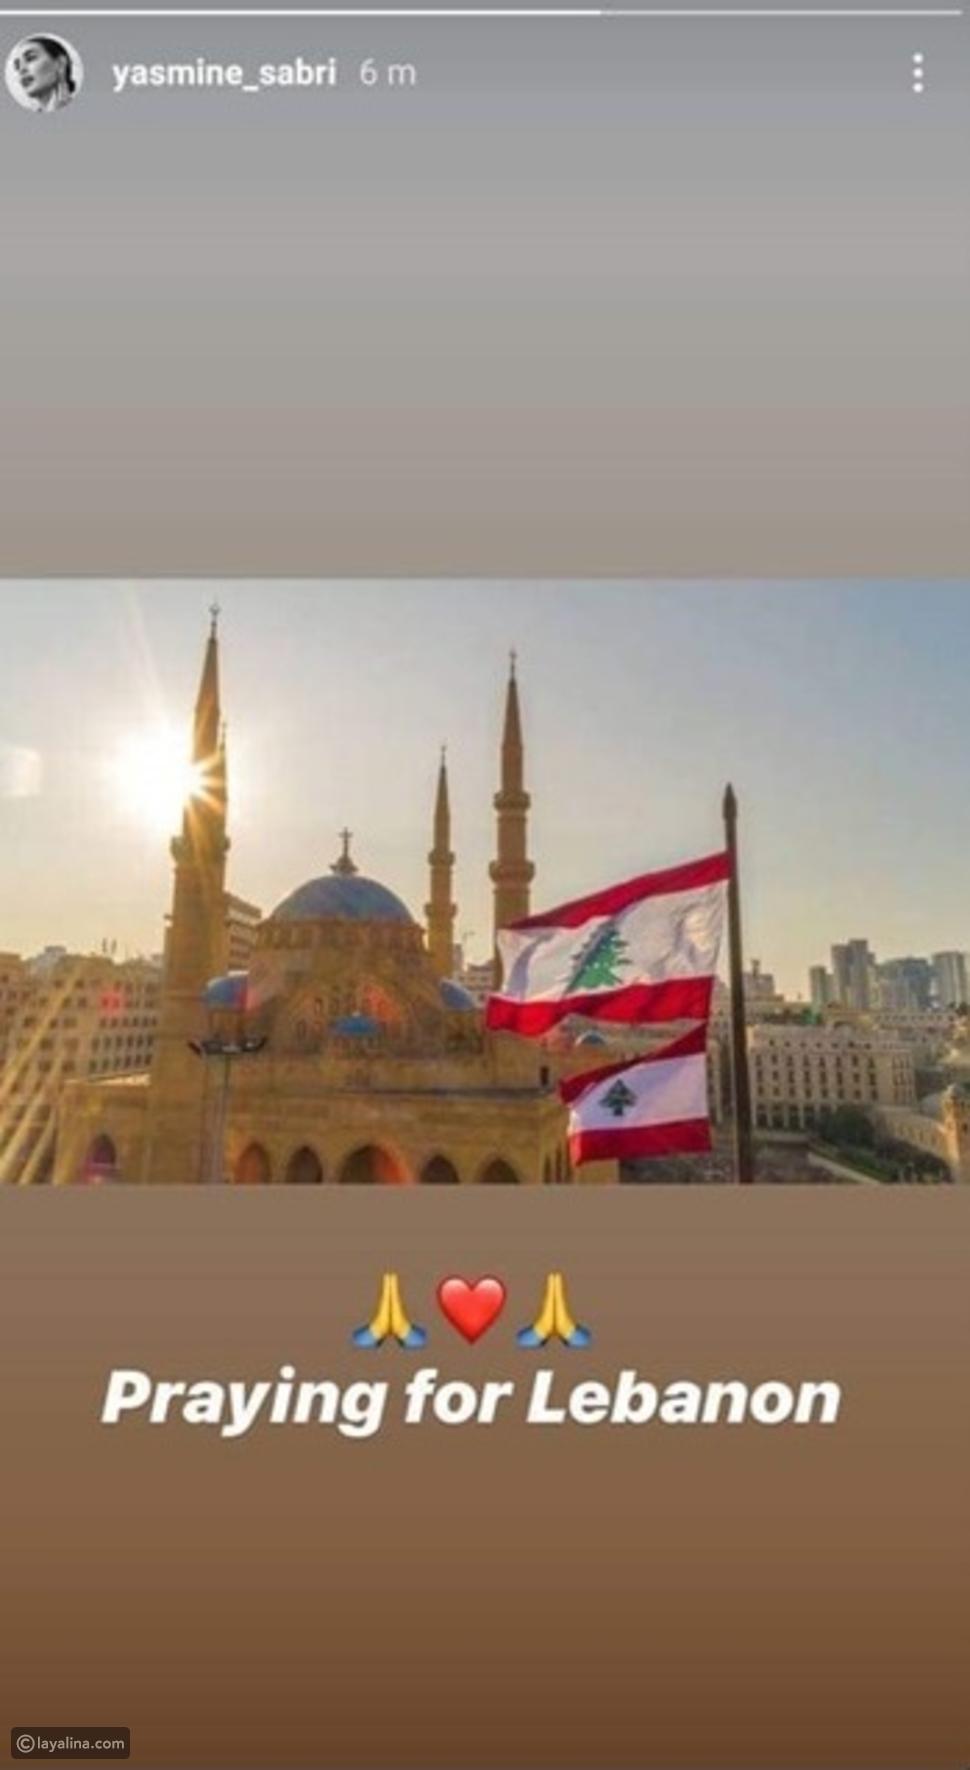 هكذا ساندت ياسمين صبري الشعب اللبناني بعد انفجار مرفأ بيروت